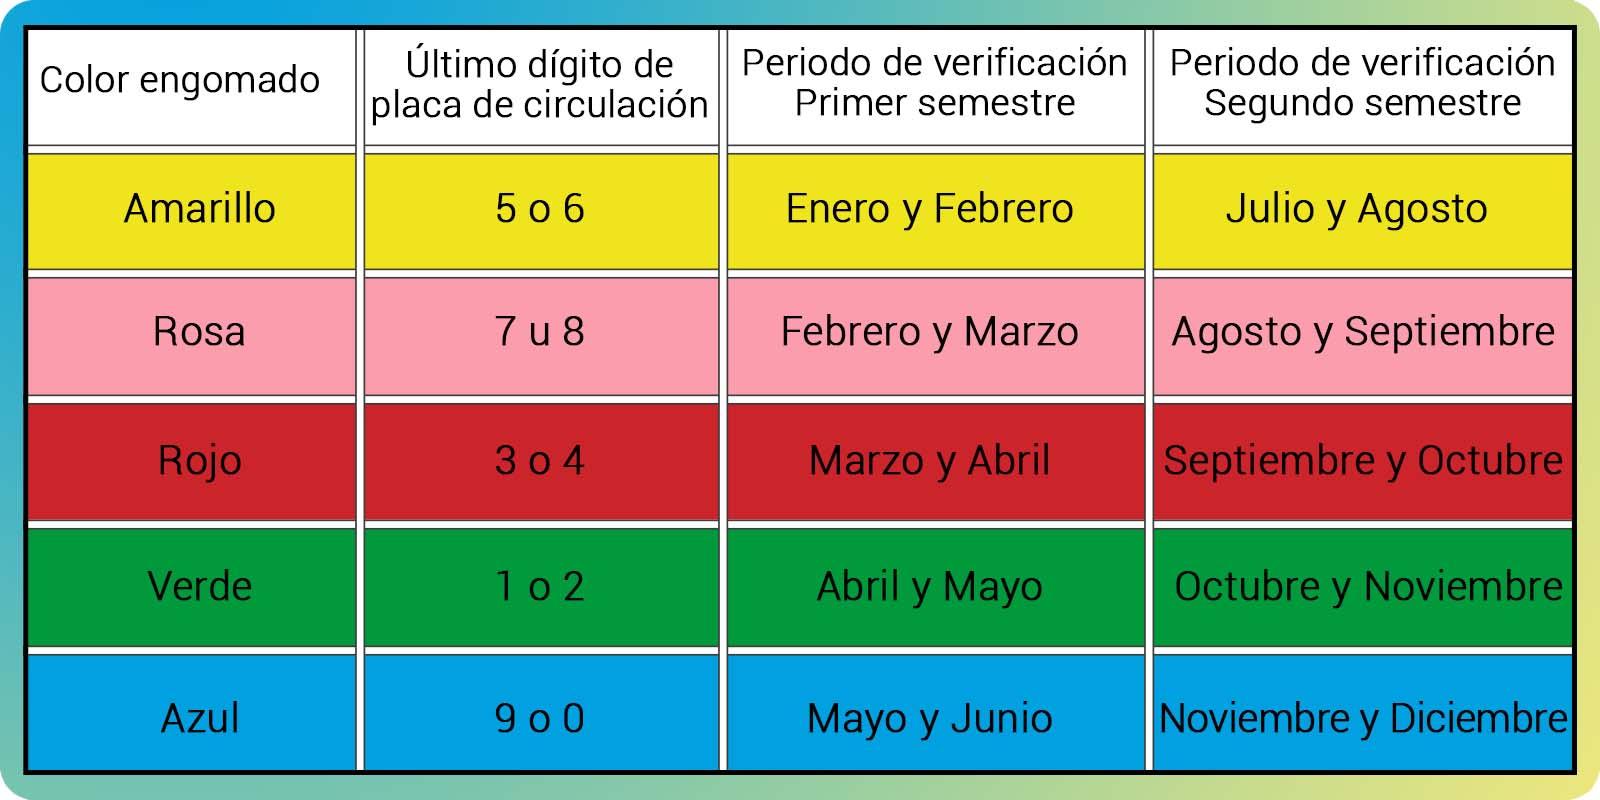 Costo verificacion 2020 estado de mexico